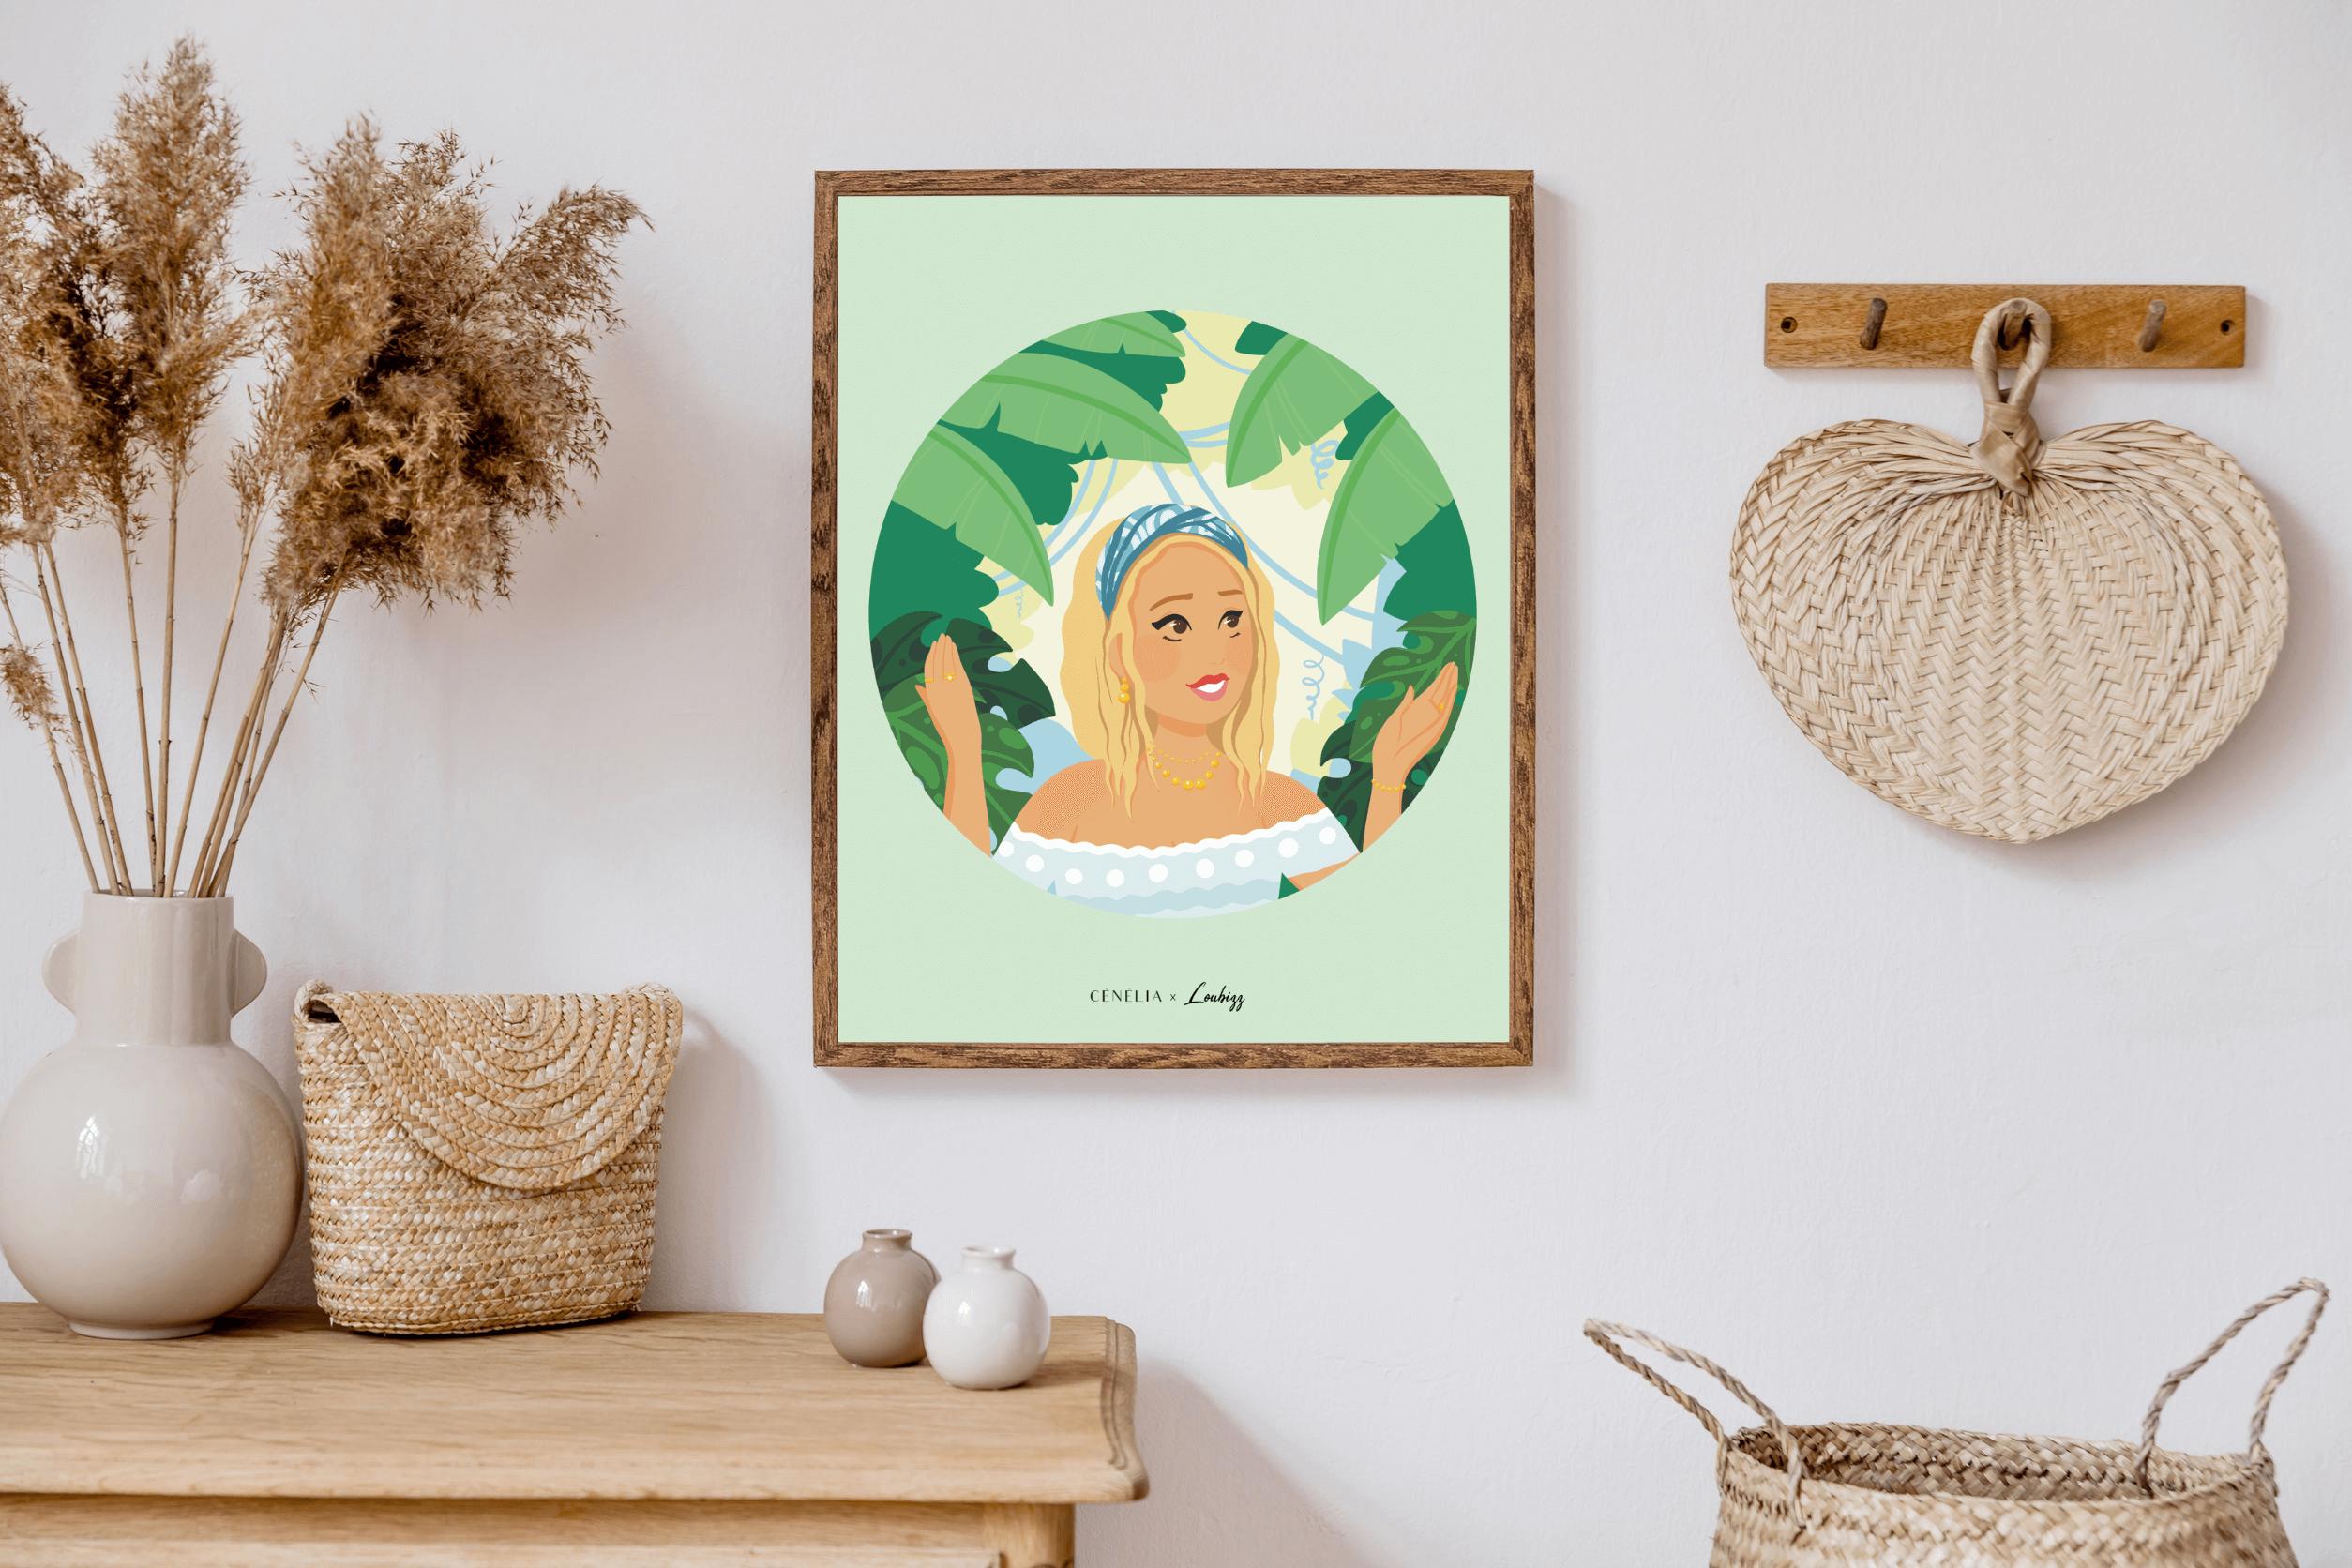 poster femme nature | poster décoration tendance | Cénélia x Loubizz | Louise